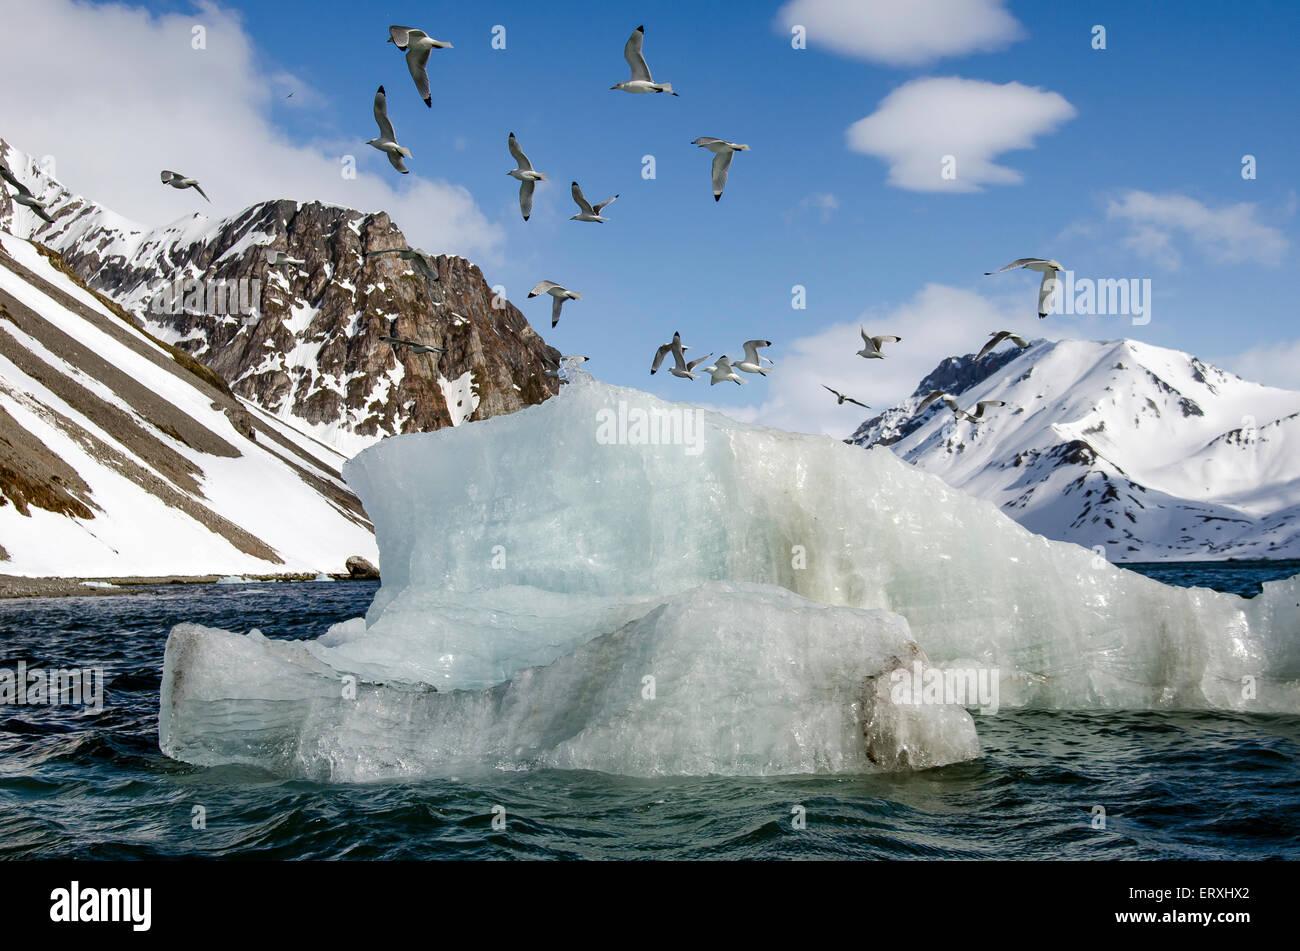 Ghiaccio galleggiante e uccelli a Burgerbukta Svalbard Norvegia Scandinavia a nord del Circolo Polare Artico Immagini Stock